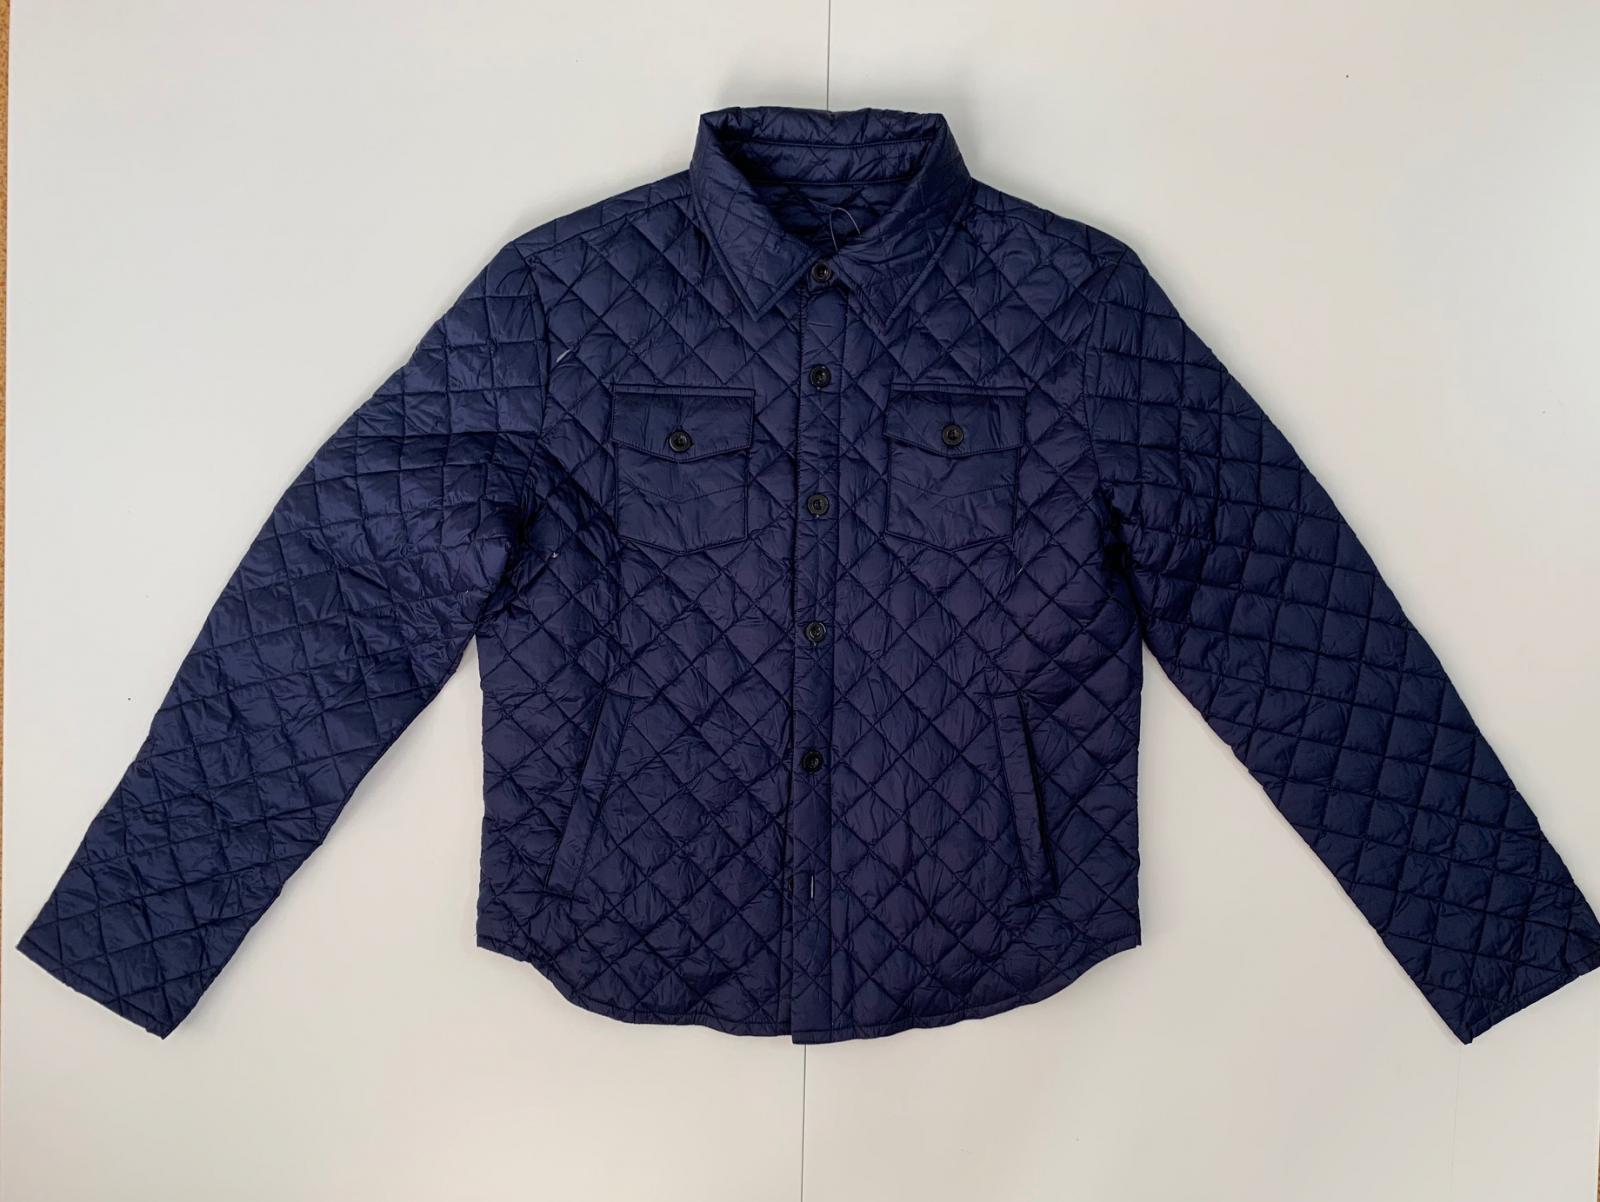 Оригинальная мужская куртка темно-синего цвета